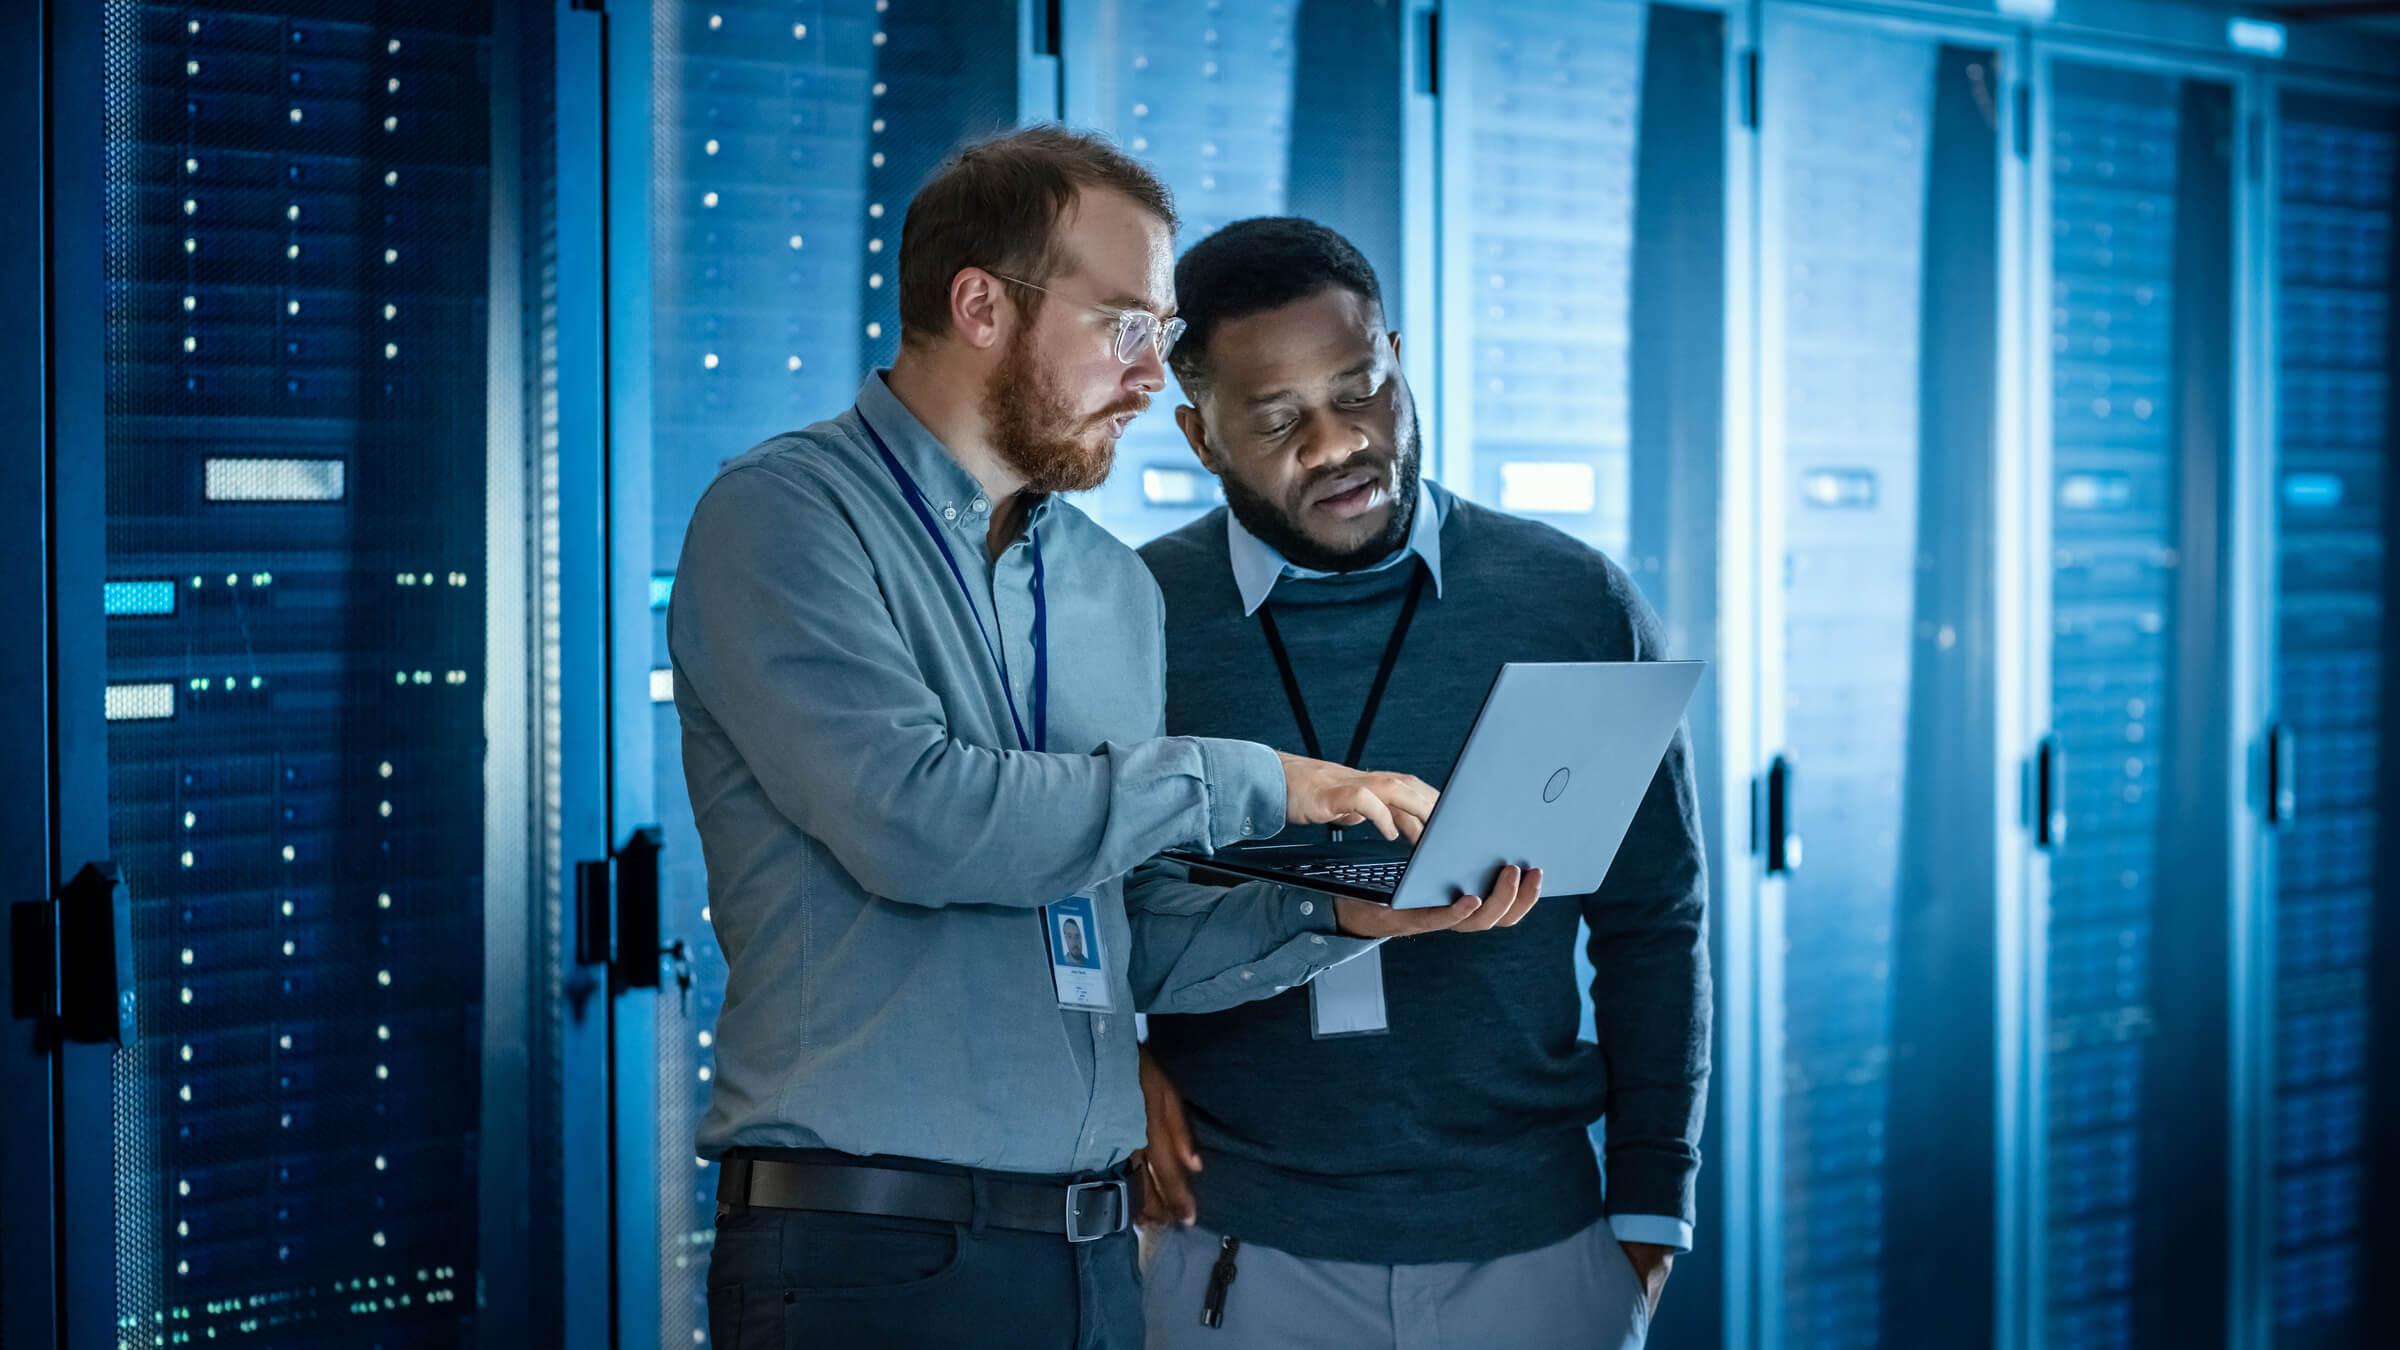 วีเอ็มแวร์คาดการณ์ 5 เทรนด์เทคโนโลยีที่องค์กรต้องรู้เพื่อรับมือปีแห่งสถานการณ์ที่ยากจะคาดเดา